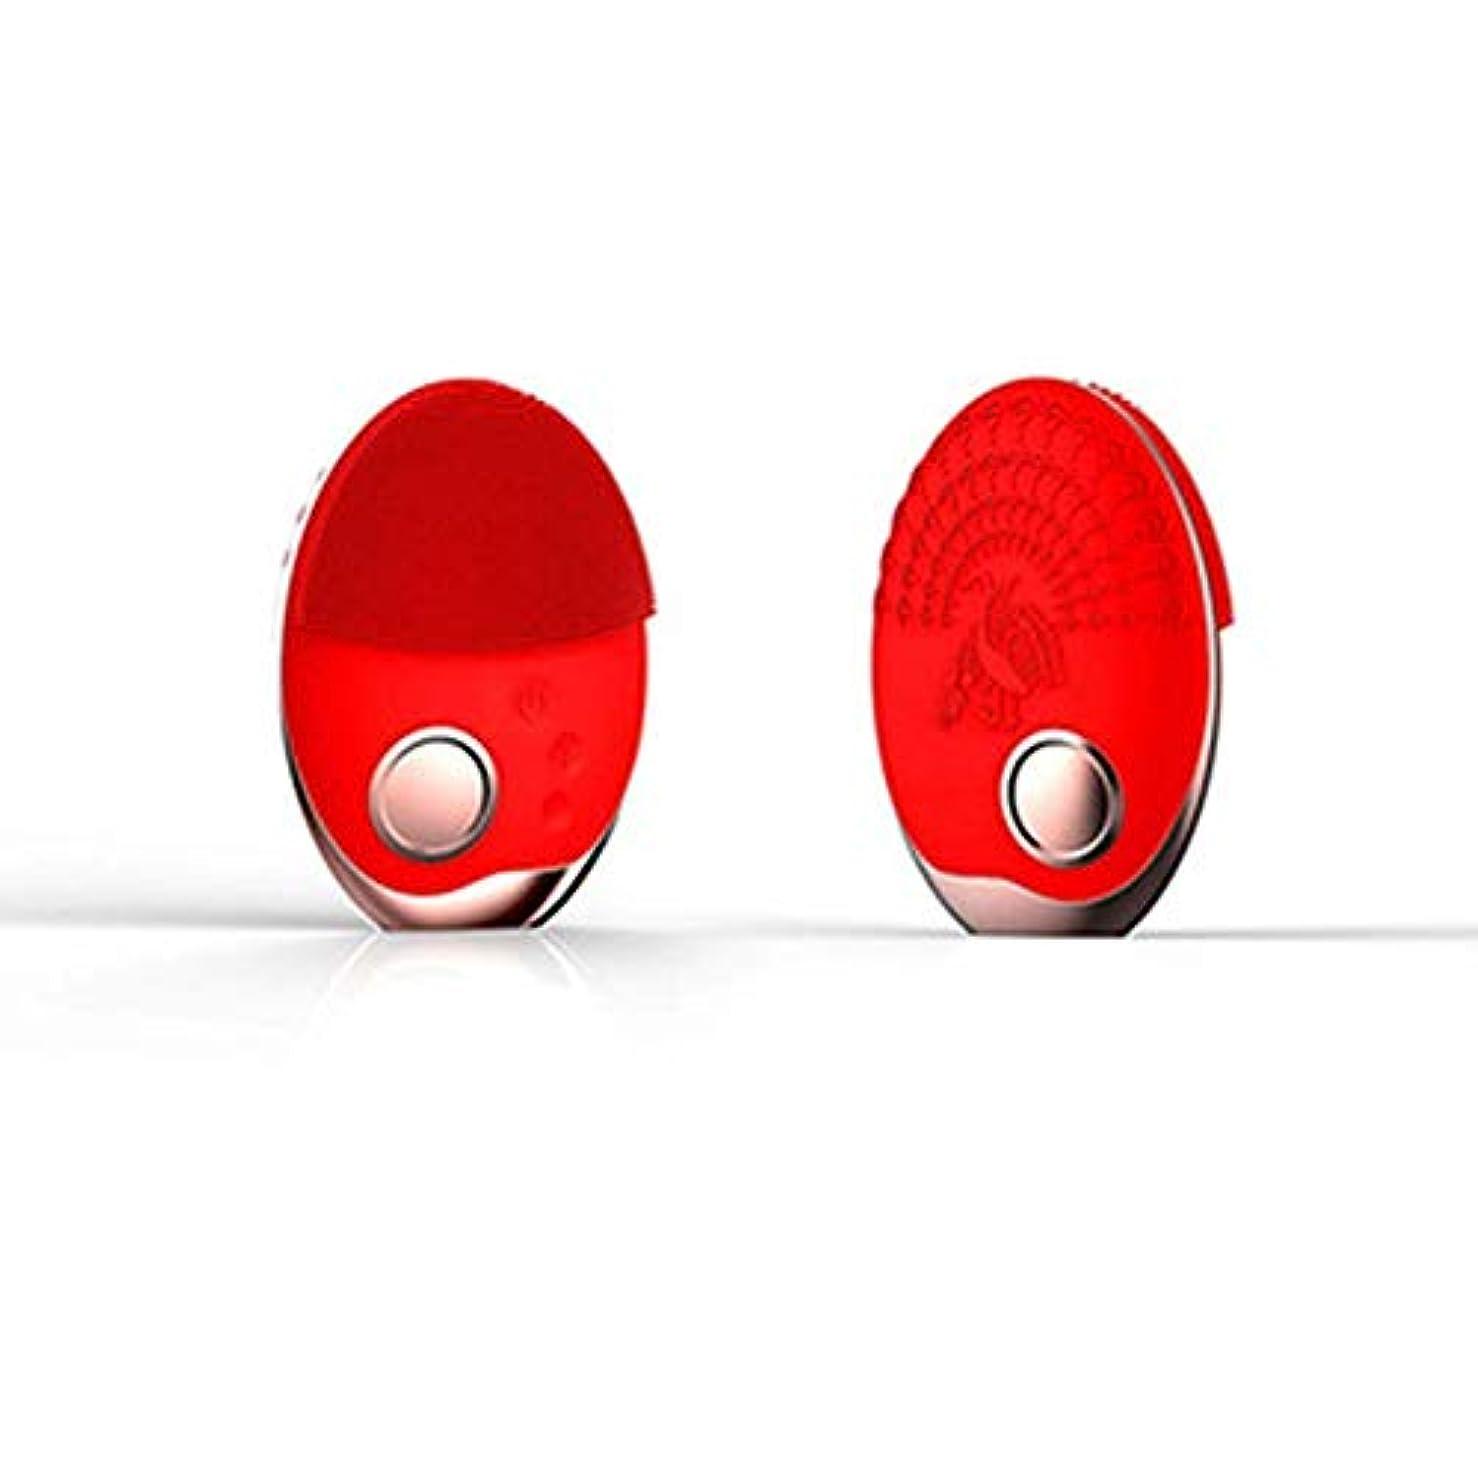 告白するアシスタントバーマド電気洗顔ブラシシリコーン、フェイスマッサージャー超音波振動防水ディープエクスフォリエーター、充電式アンチエイジングスキンクレンザー,赤